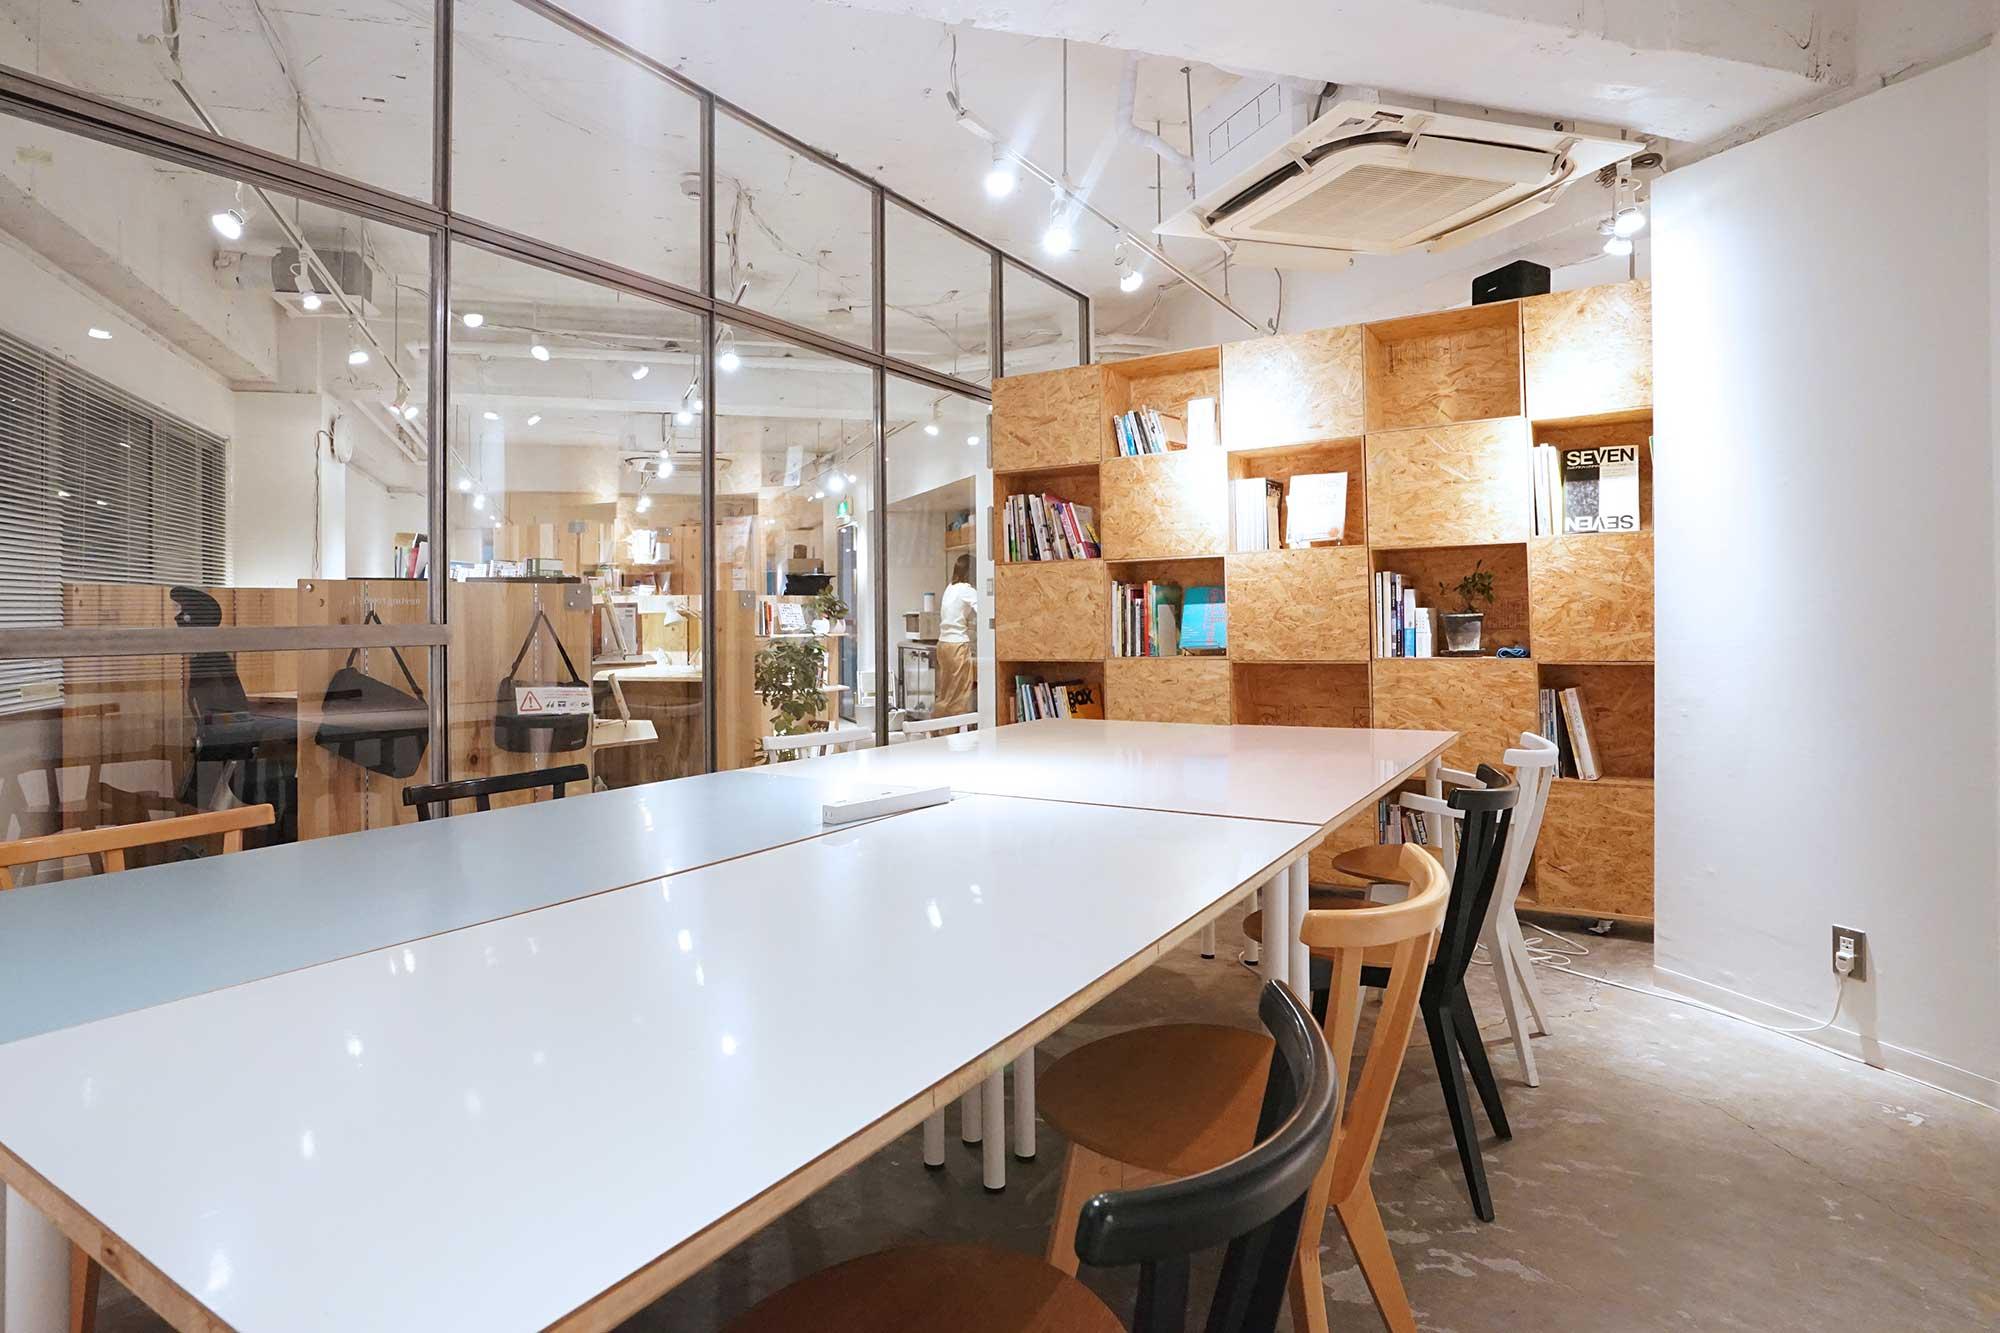 渋谷 シェアオフィス  貸し会議室